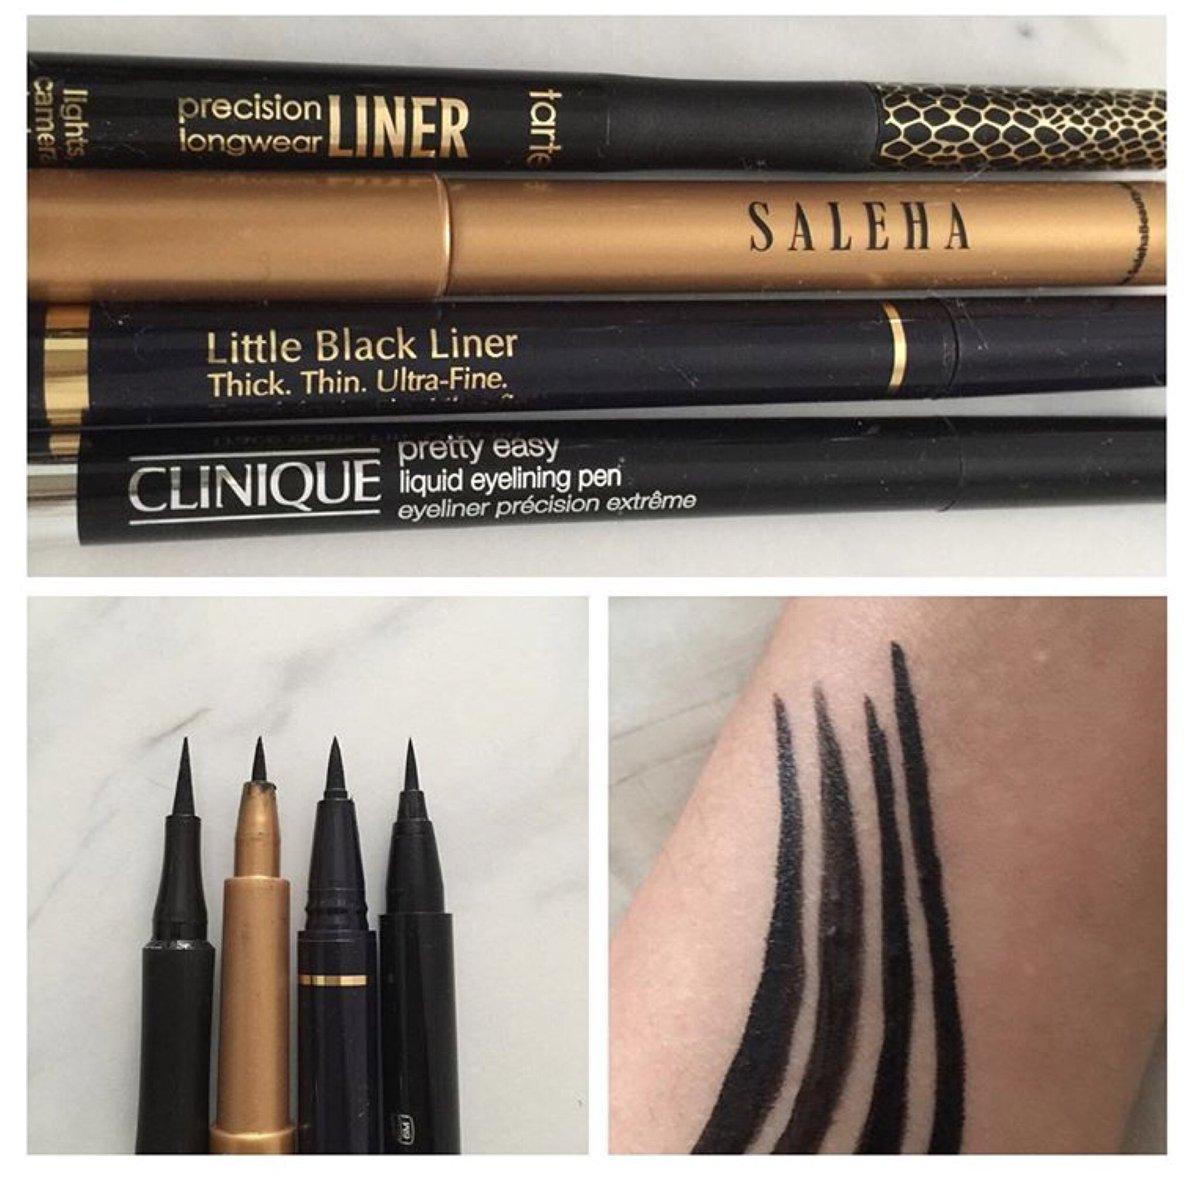 Pretty Easy Liquid Eyelining Pen by Clinique #16